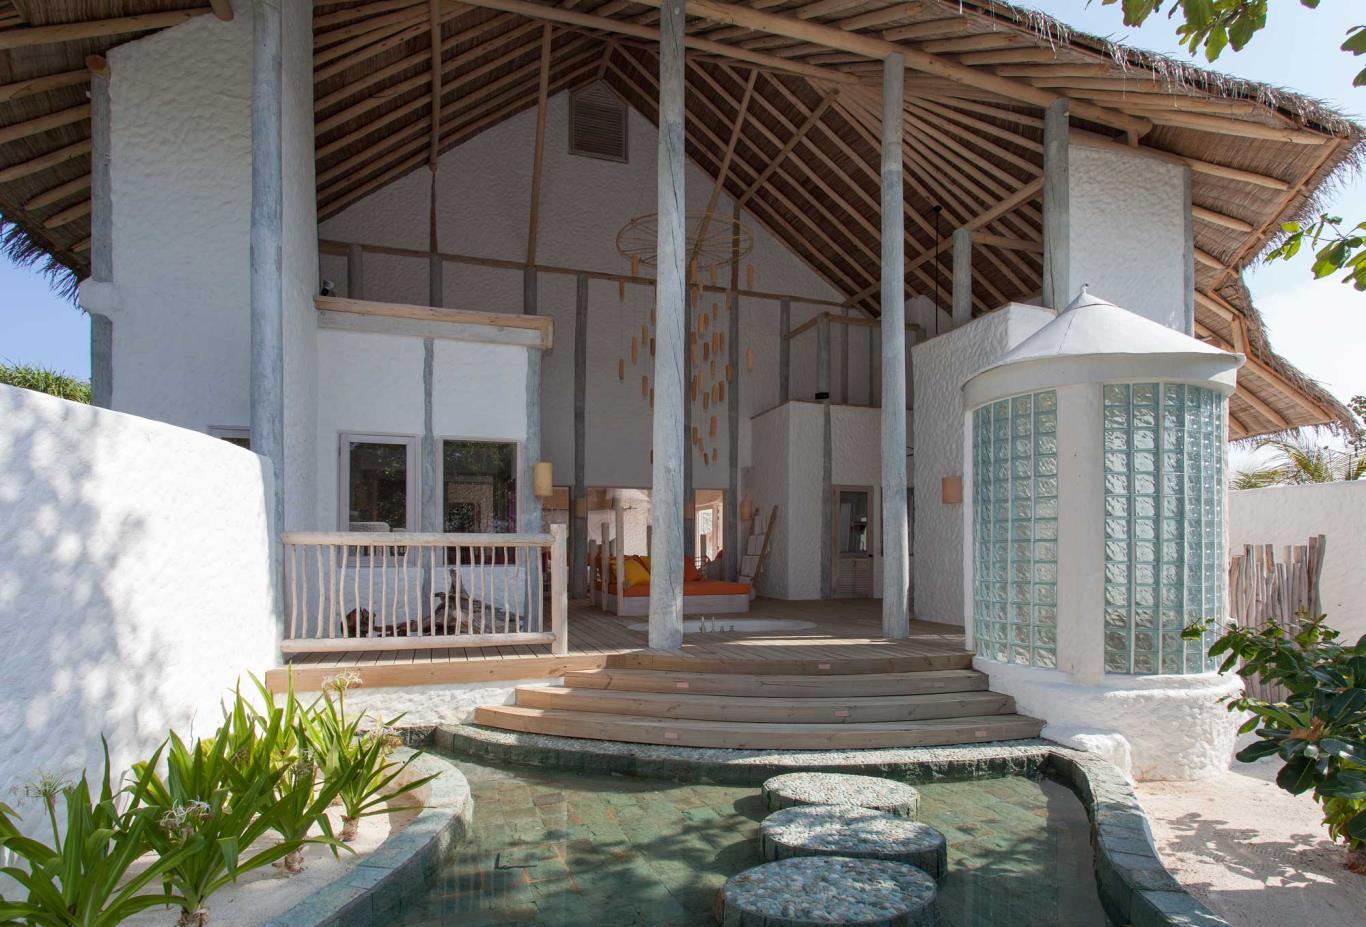 Villa 1 Master Bedroom Exterior